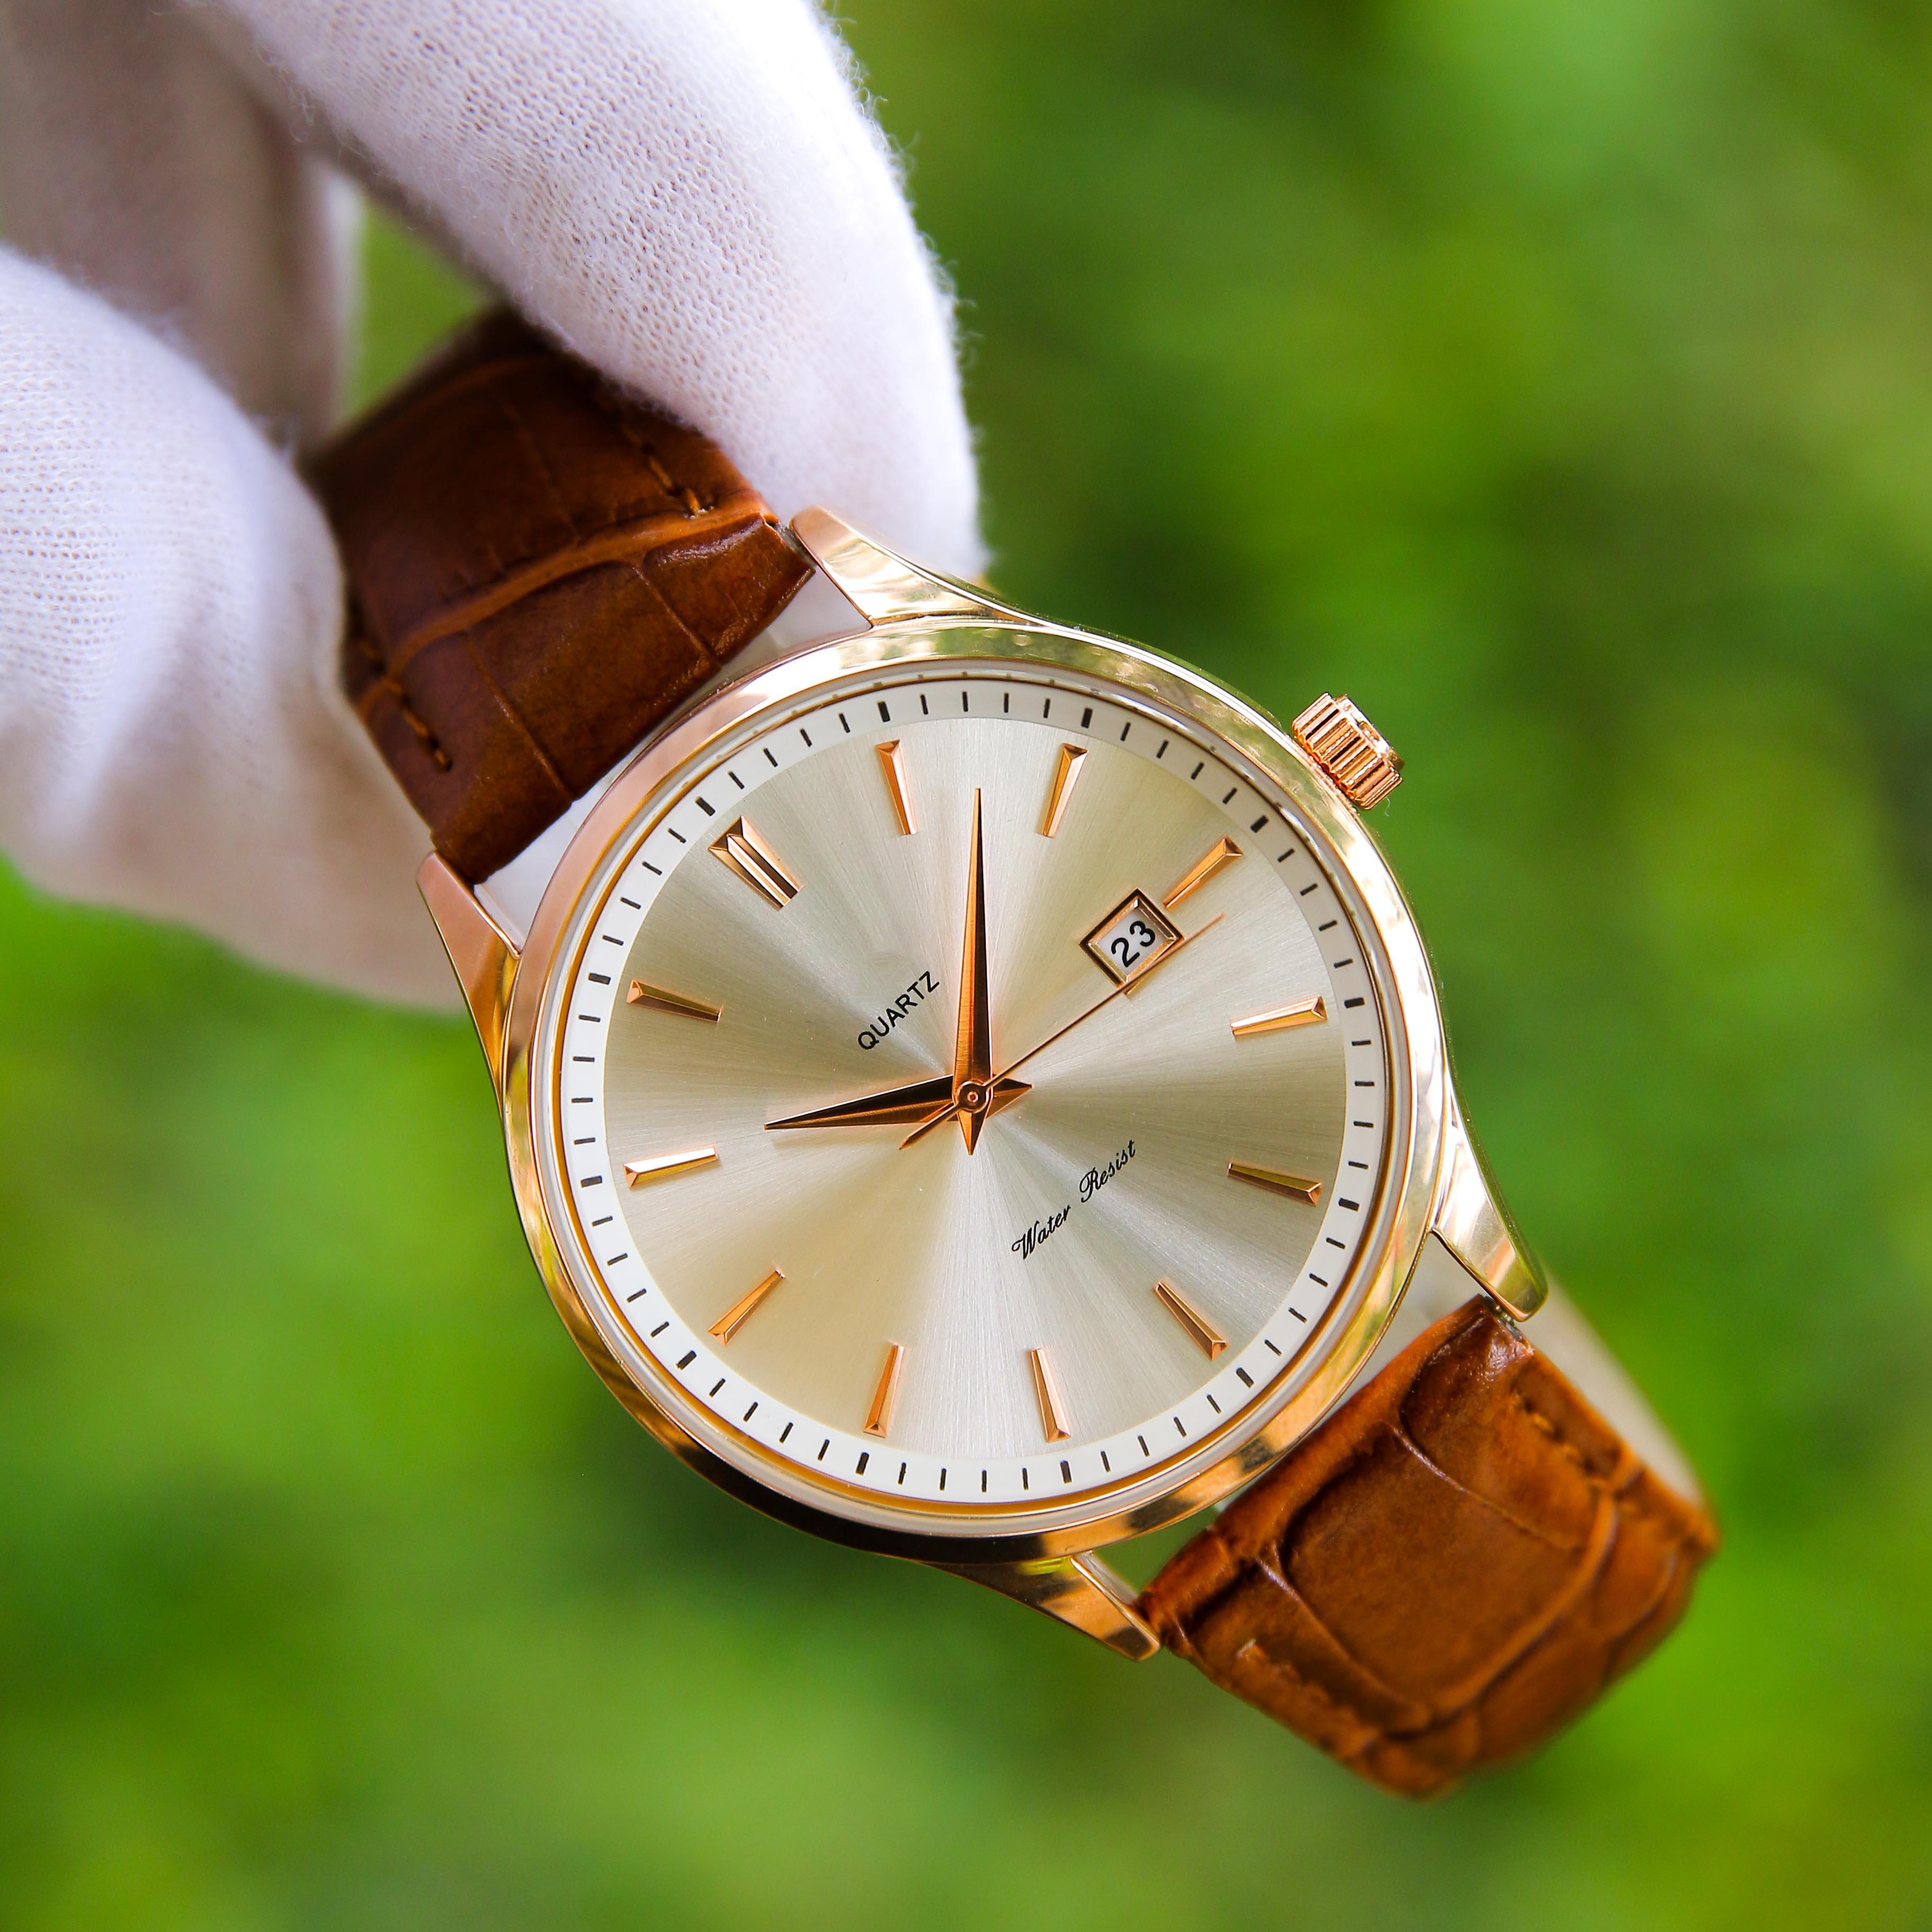 Đồng hồ nam dây da cao cấp chống nước – Thiết kế sang trọng – Lịch lãm – Phù hợp khi đi làm, đi chơi - ORDN0005W